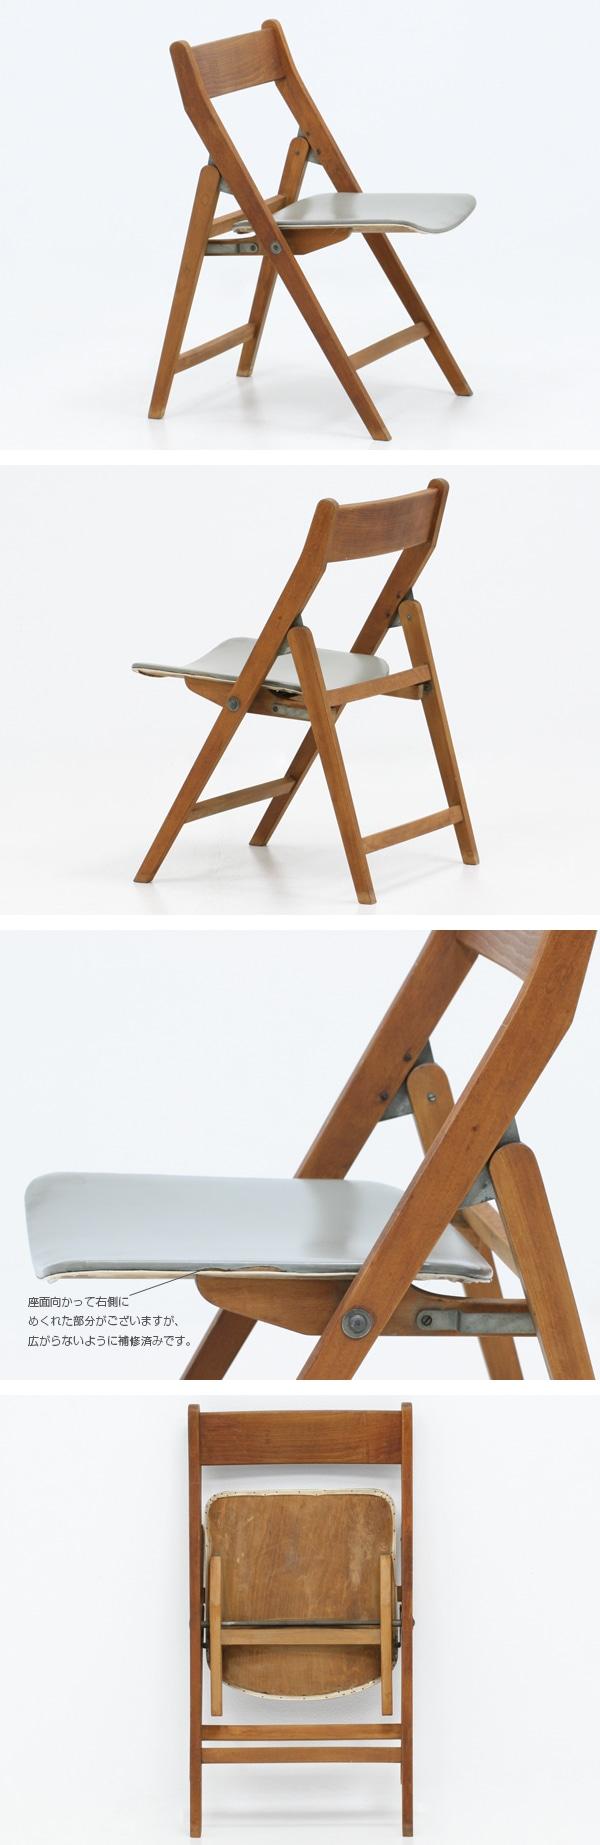 天童木工,古い,椅子,ヴィンテージ,フォールディングチェア,折りたたみ椅子,中古,家具